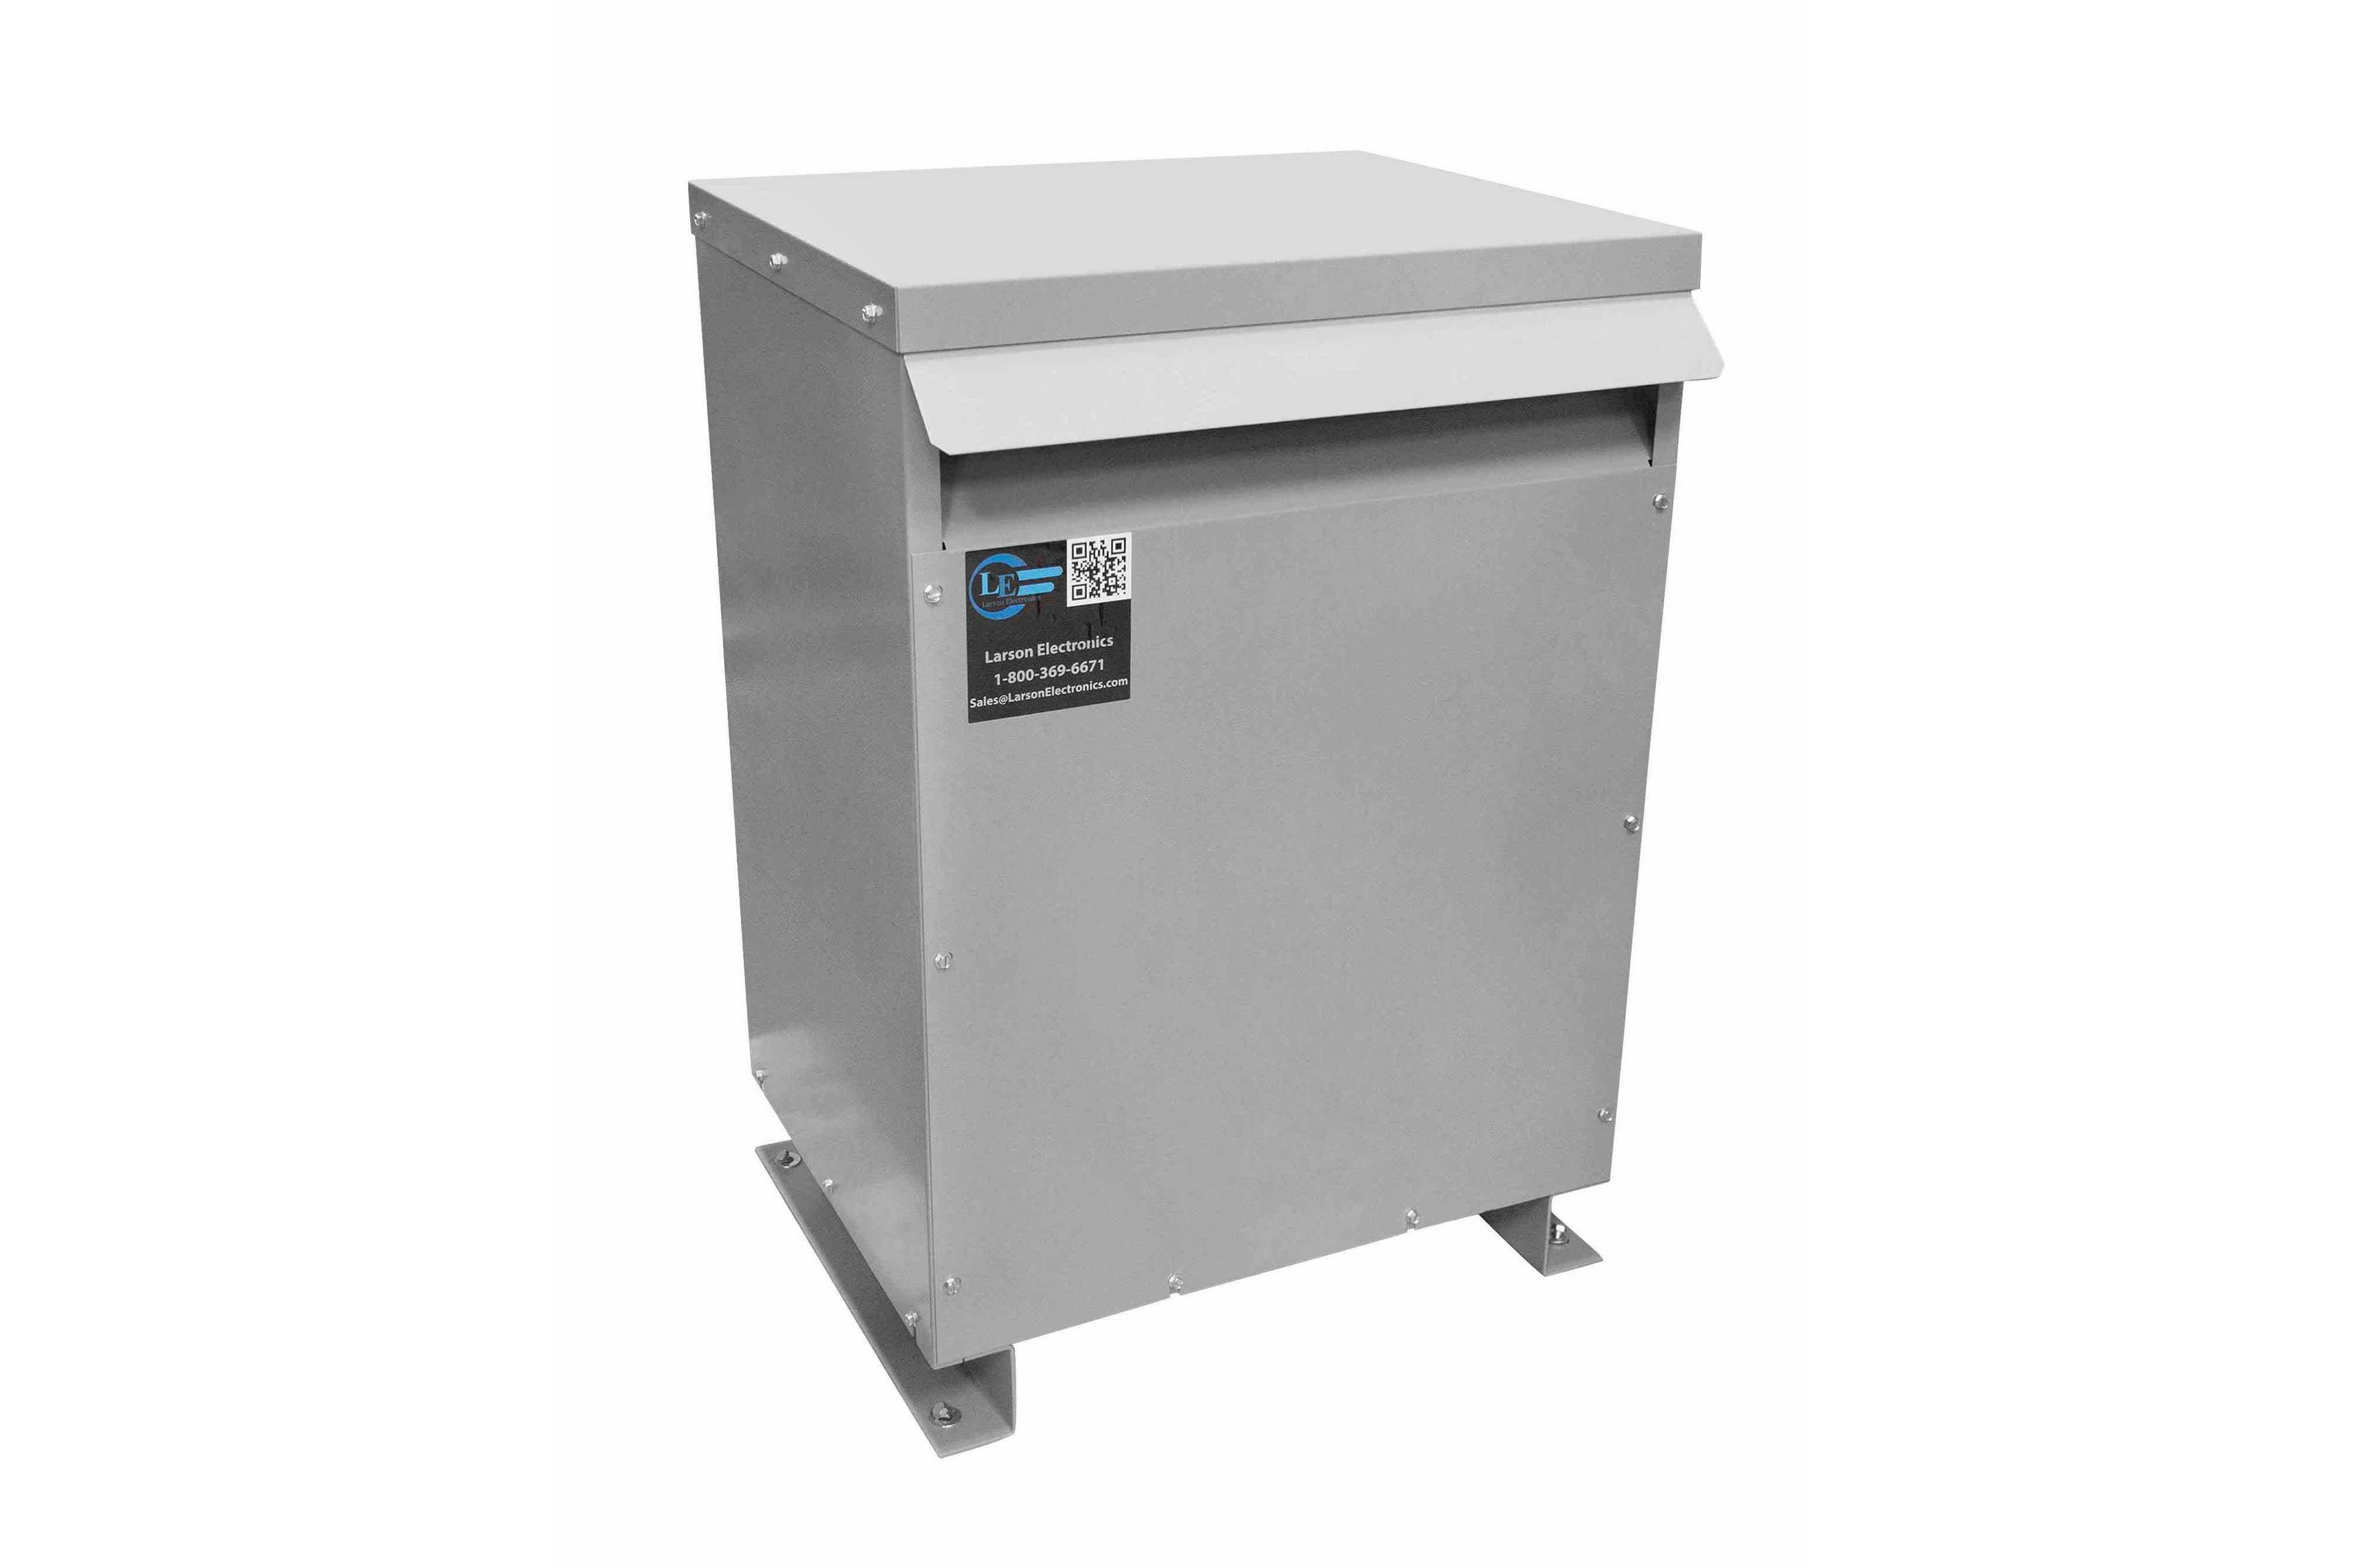 14 kVA 3PH Isolation Transformer, 240V Delta Primary, 380V Delta Secondary, N3R, Ventilated, 60 Hz